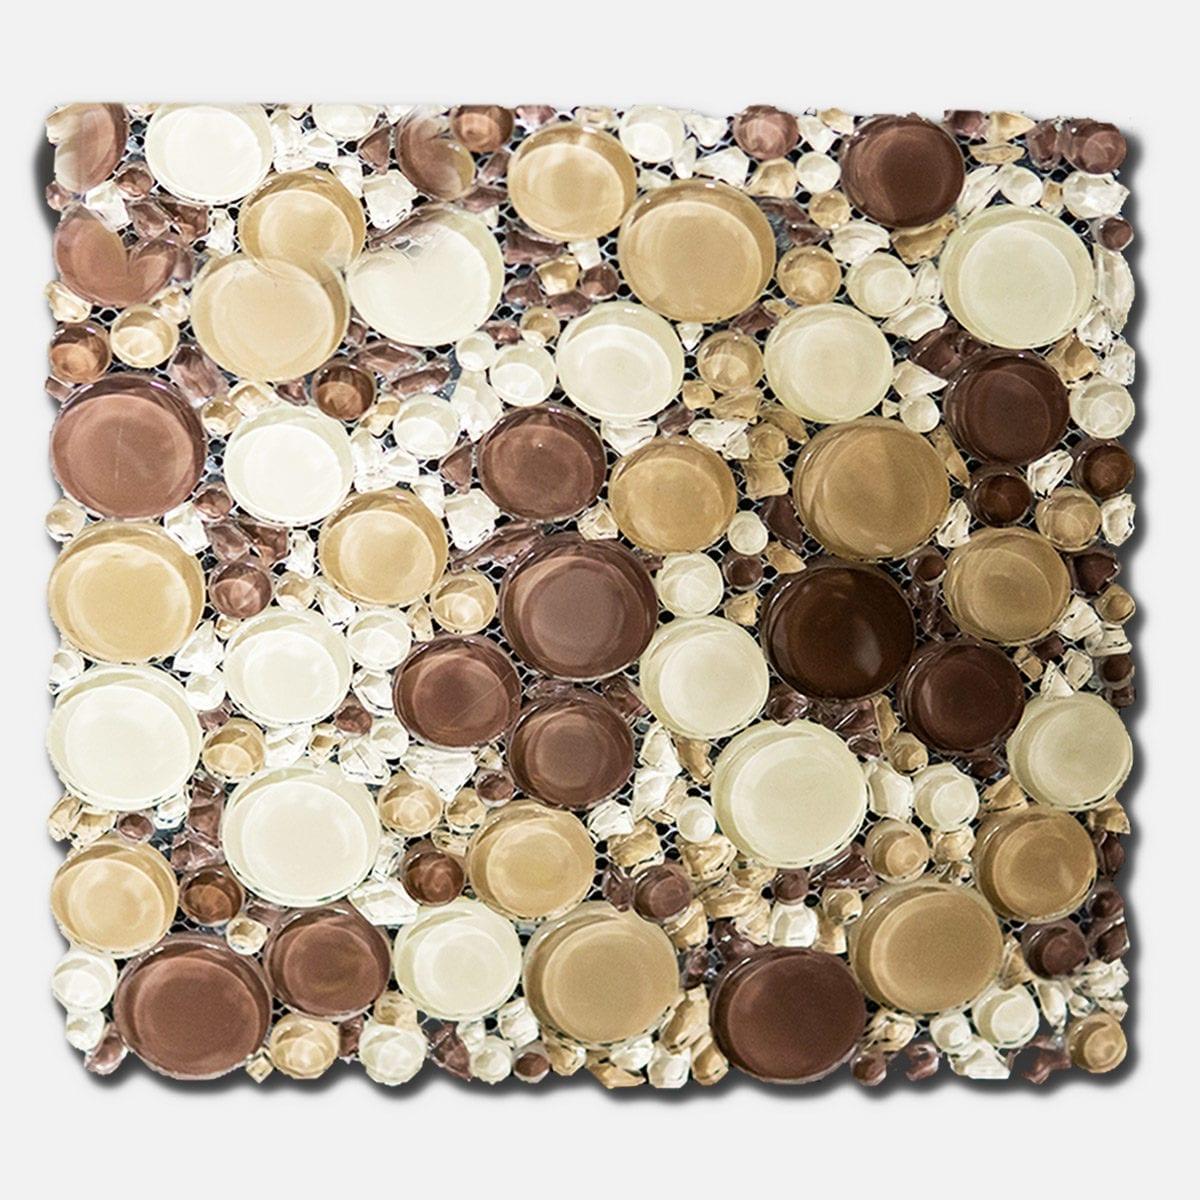 larkspur cream brown tan